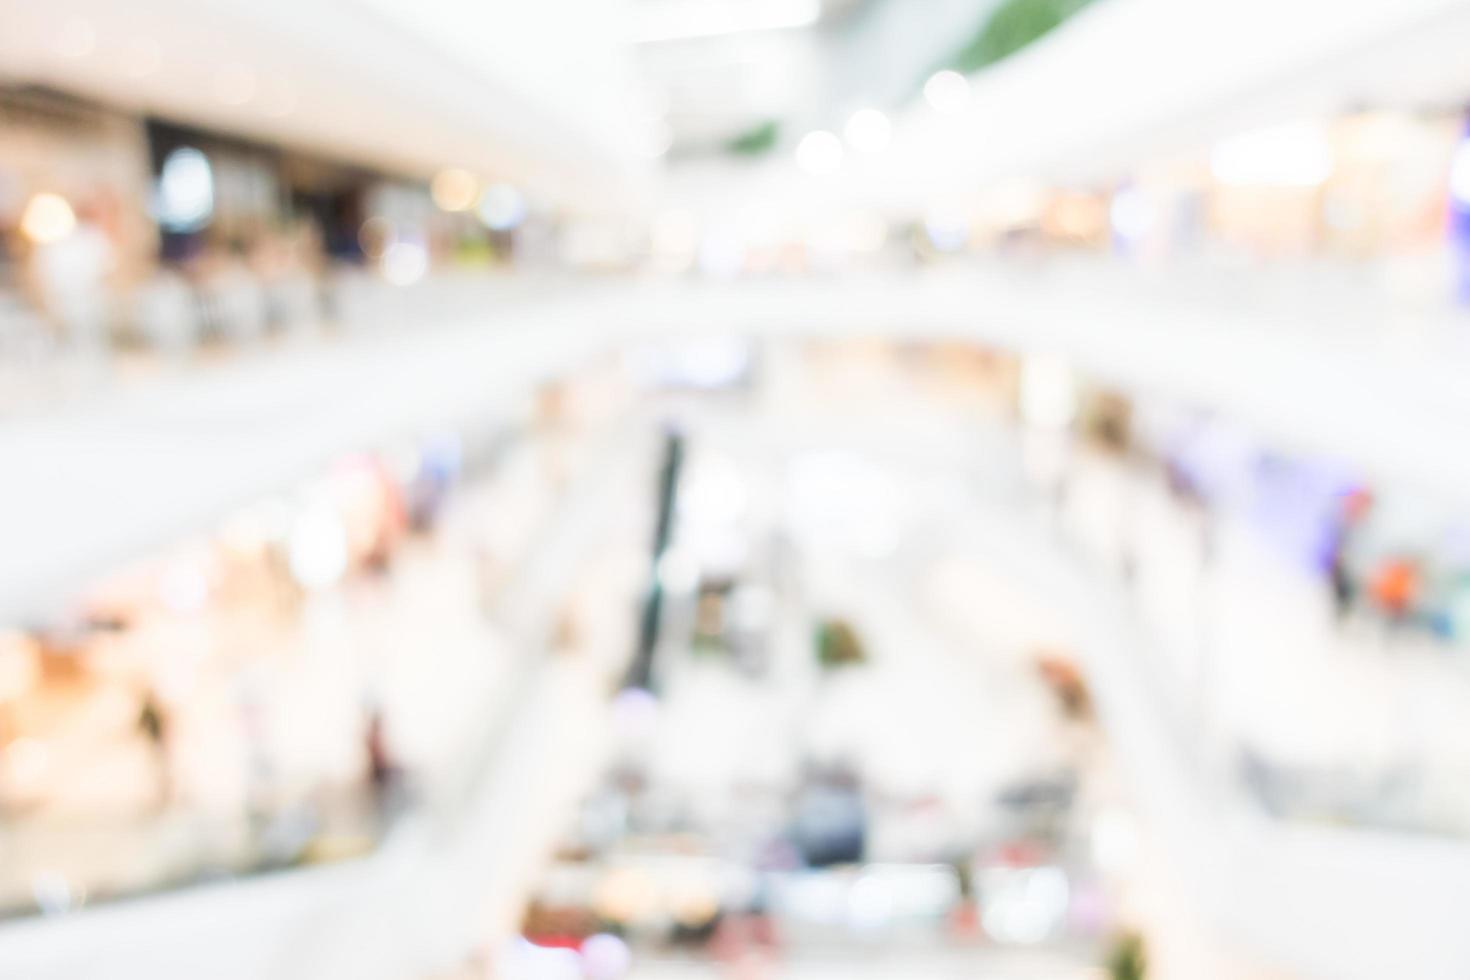 interior borrado abstrato de shopping foto